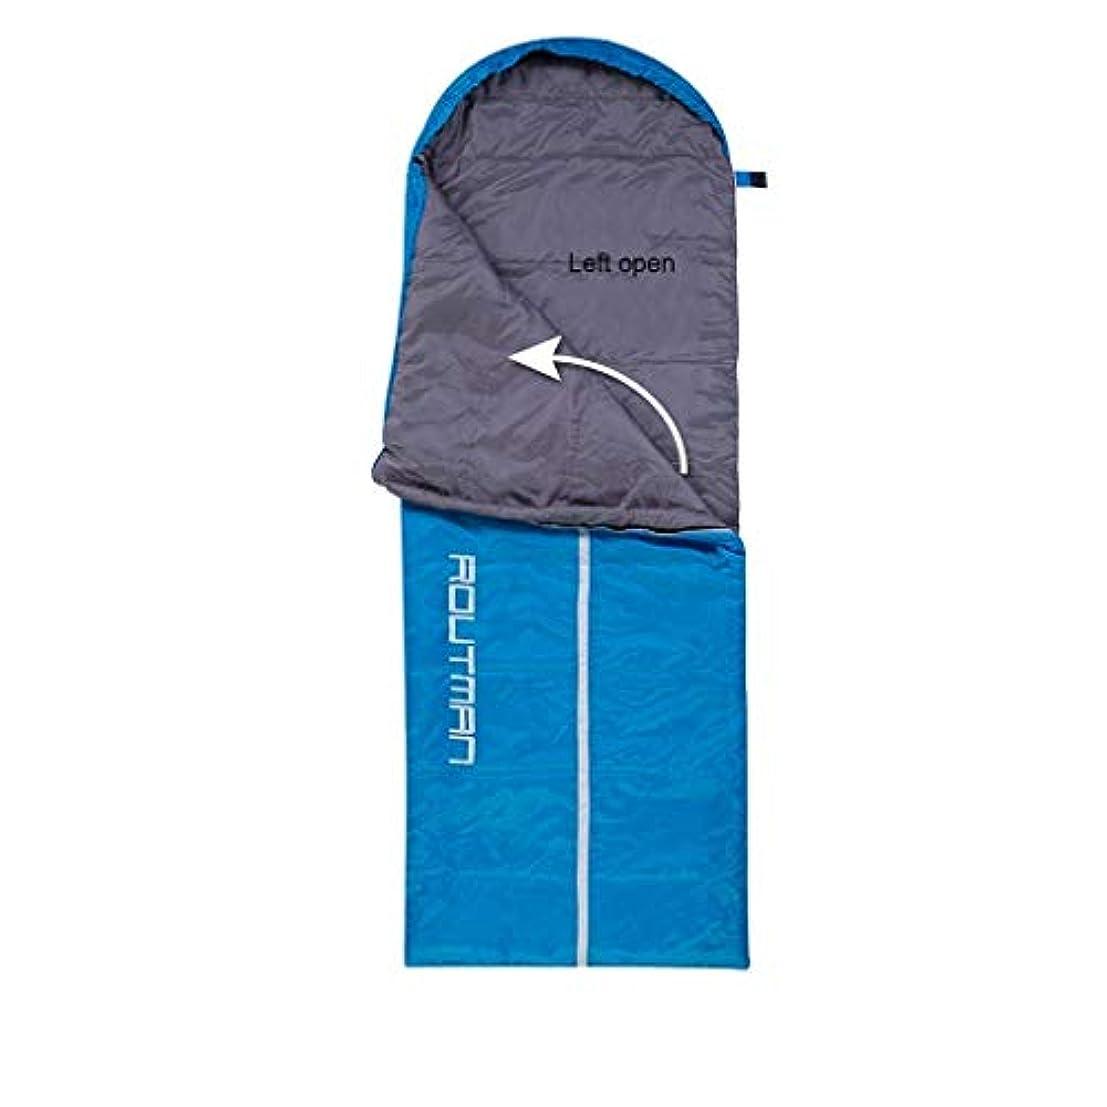 最終的に忠実な伸ばす大人のキャンプの寝袋フード付き防水ライト暖かい2-3シーズン寝台用旅行ハイキング屋内野外活動ブルーオレンジグリーン (色 : Blue B)